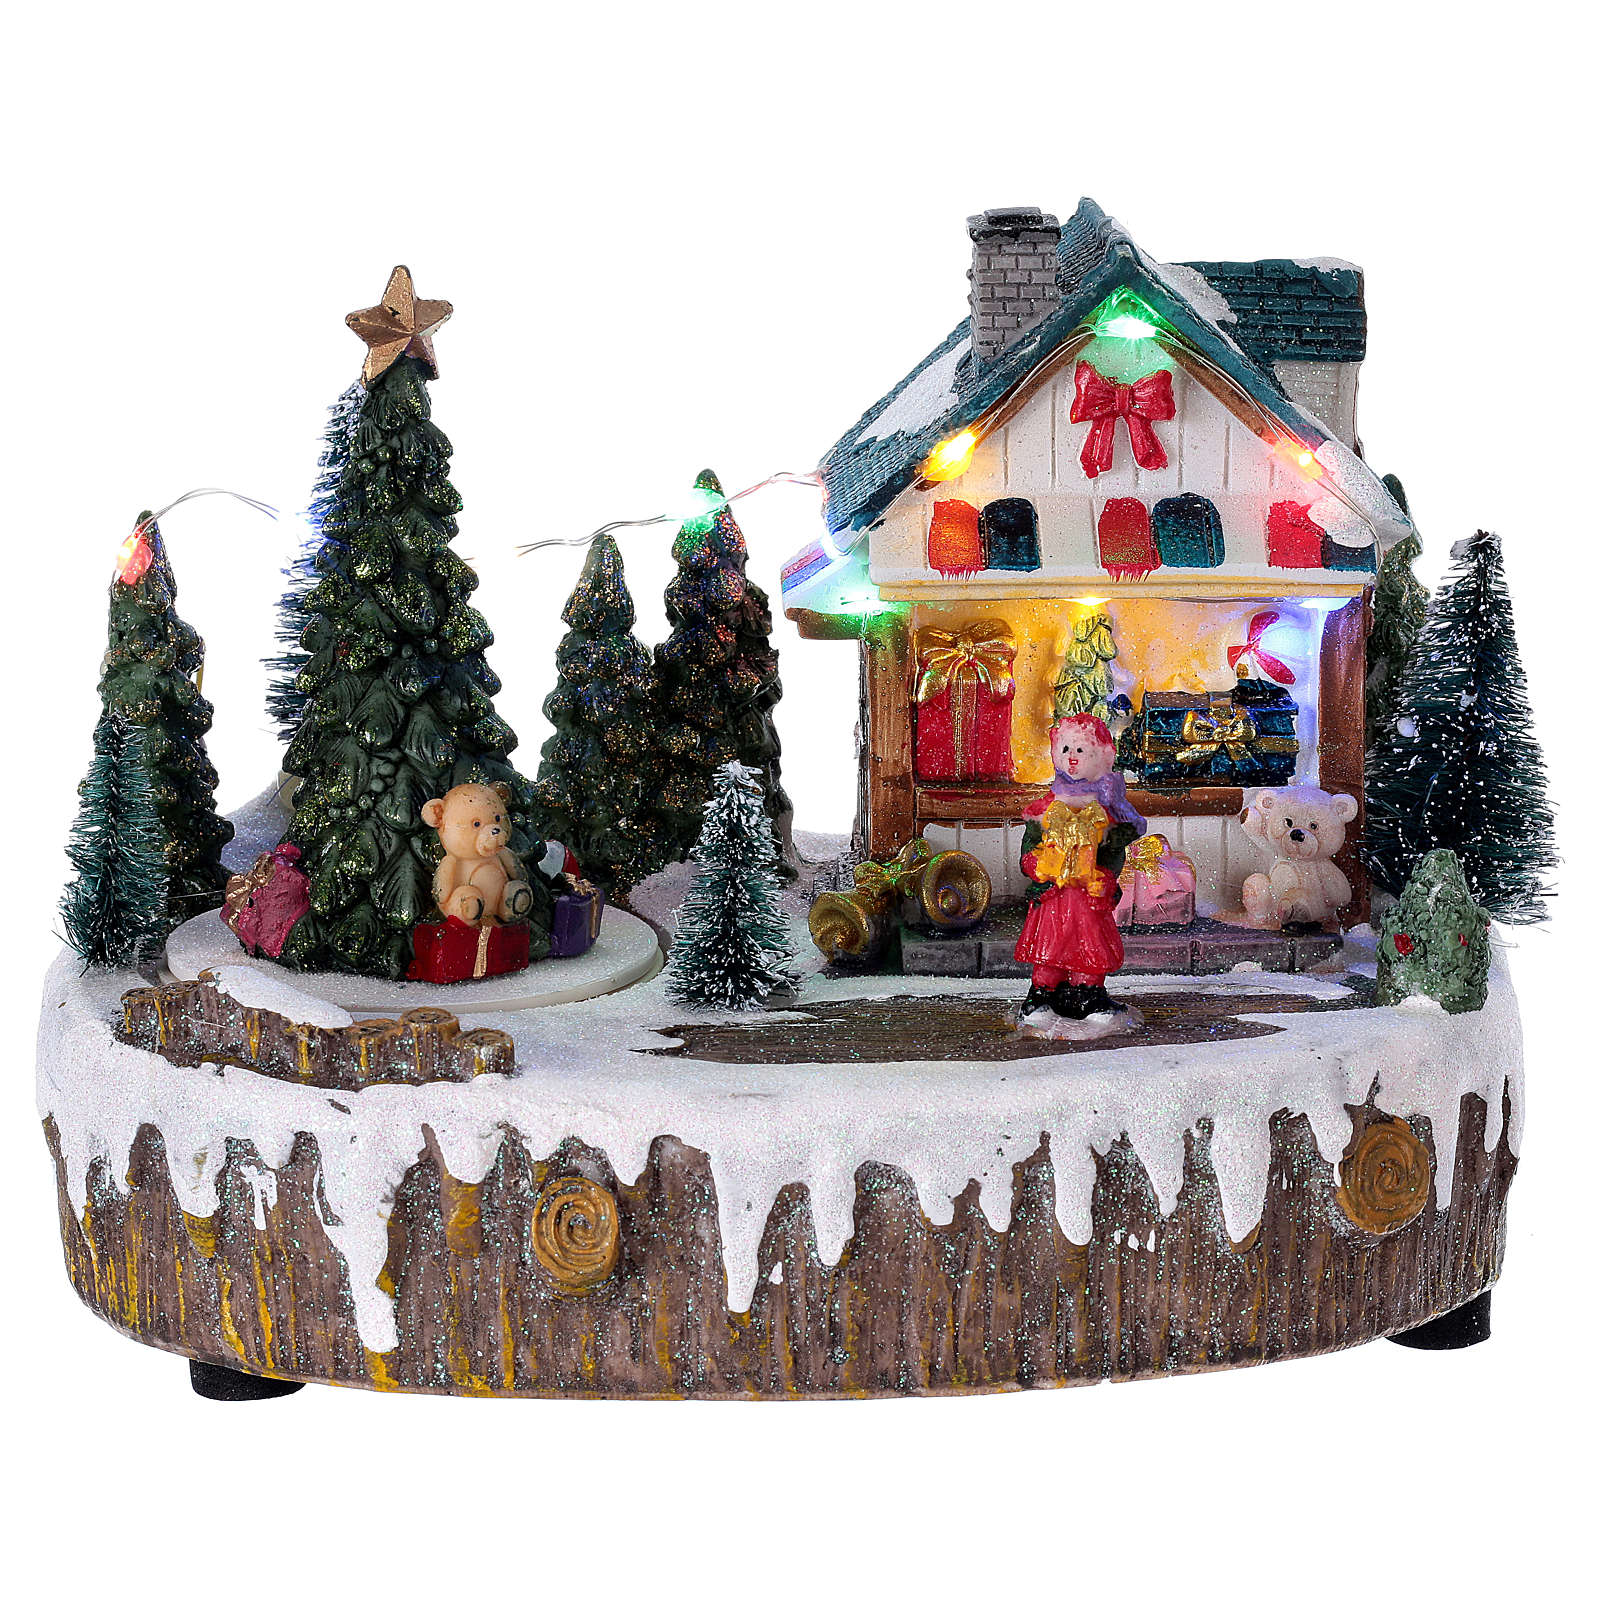 Pueblo de Navidad 15x20x10 cm tienda movimiento árbol luces 3